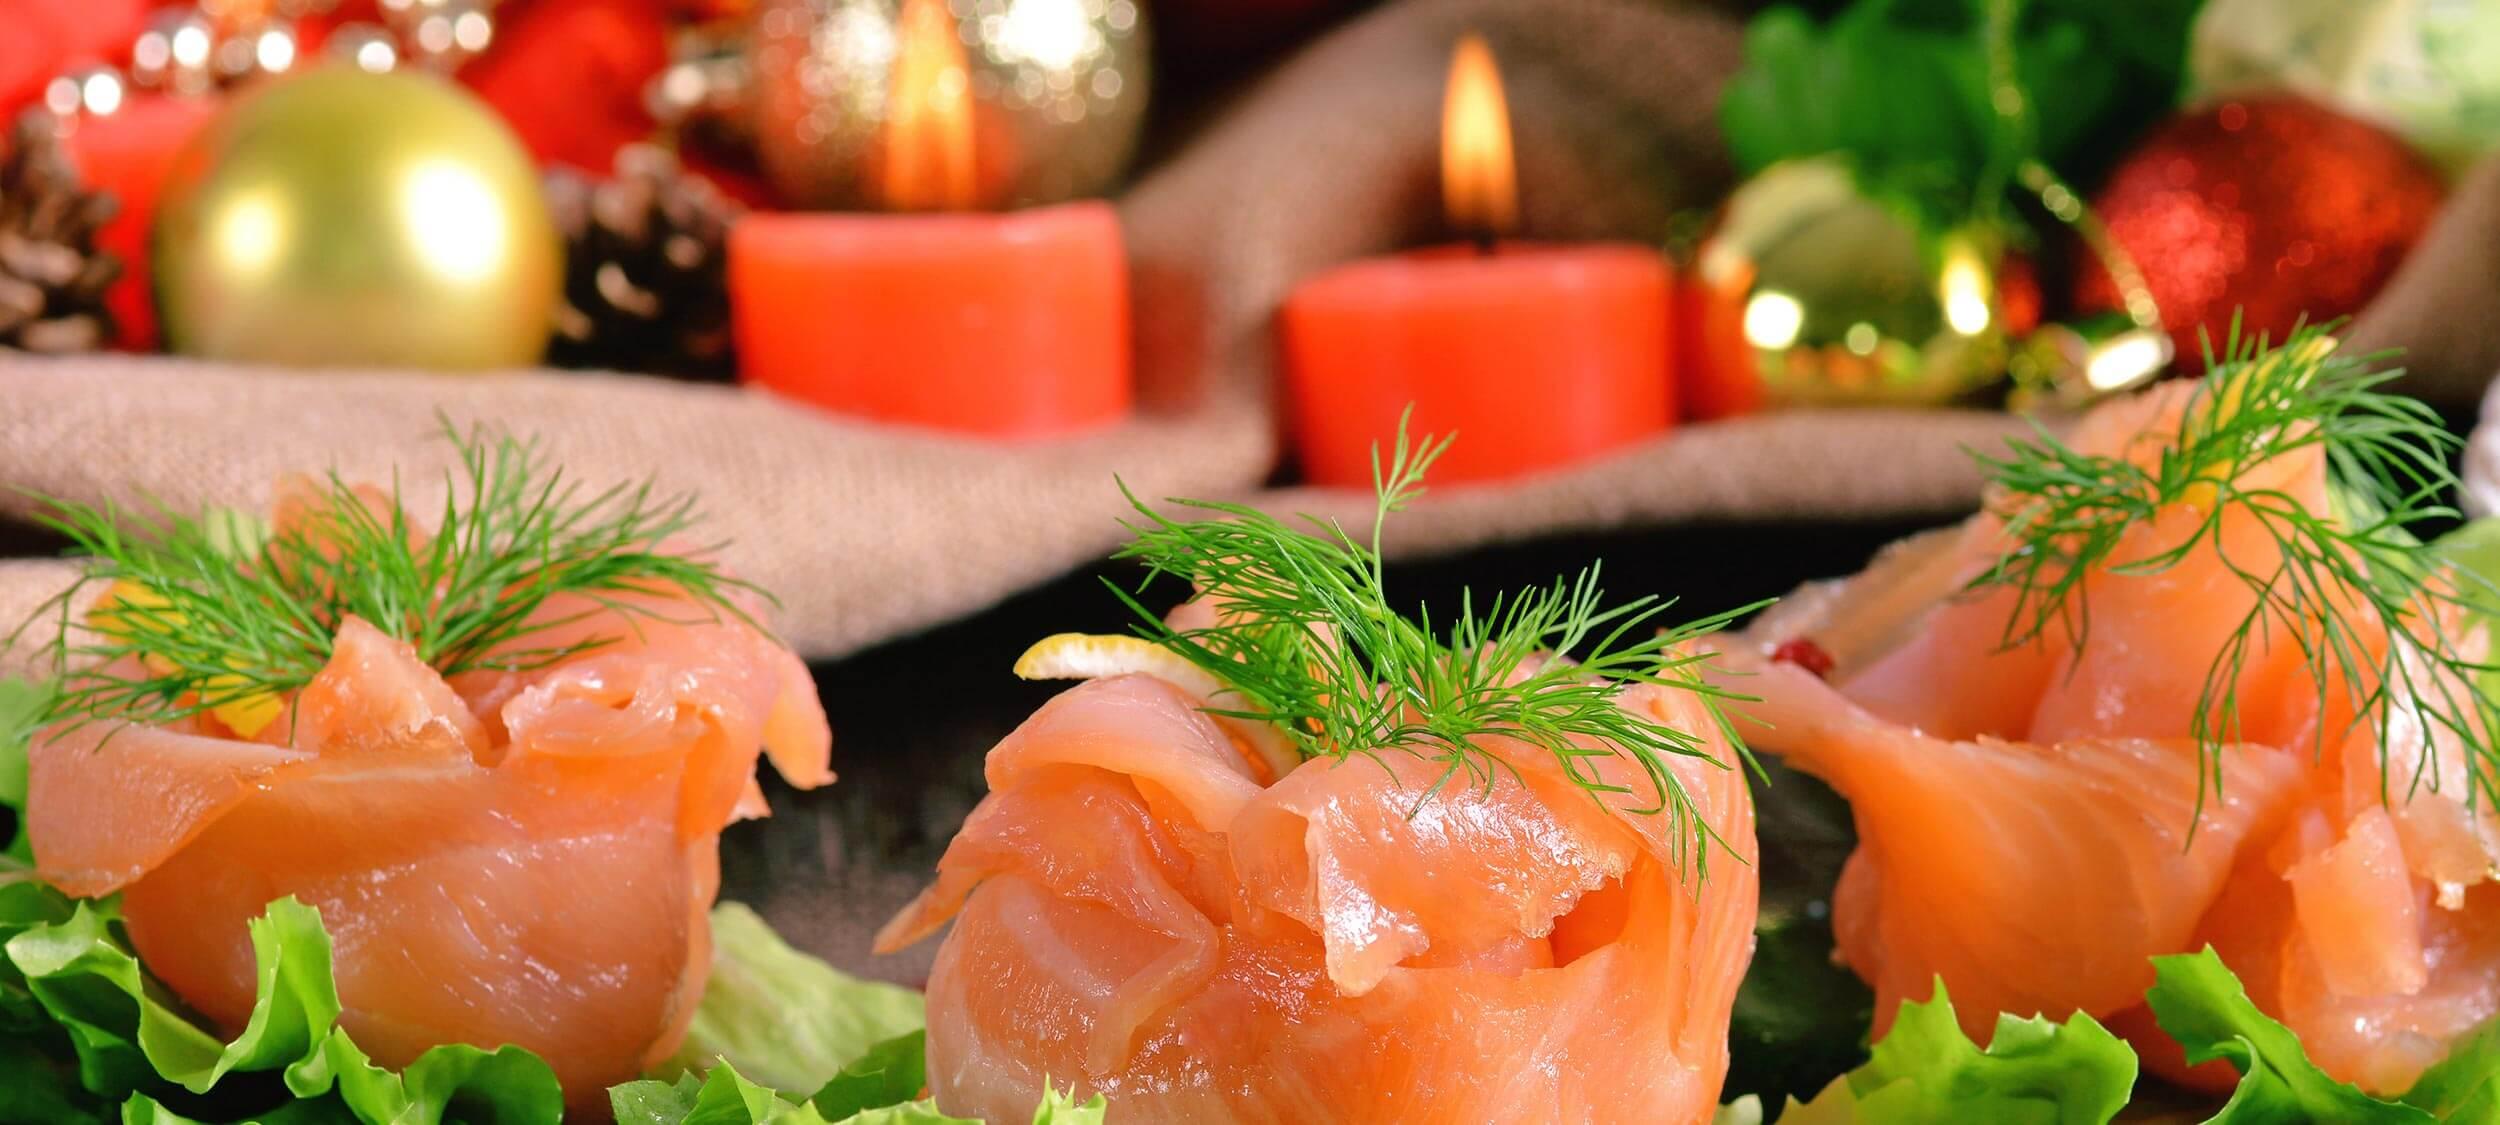 Gesundes Weihnachtsessen: Rezeptideen für ein kalorienarmes Weihnachtsmenü